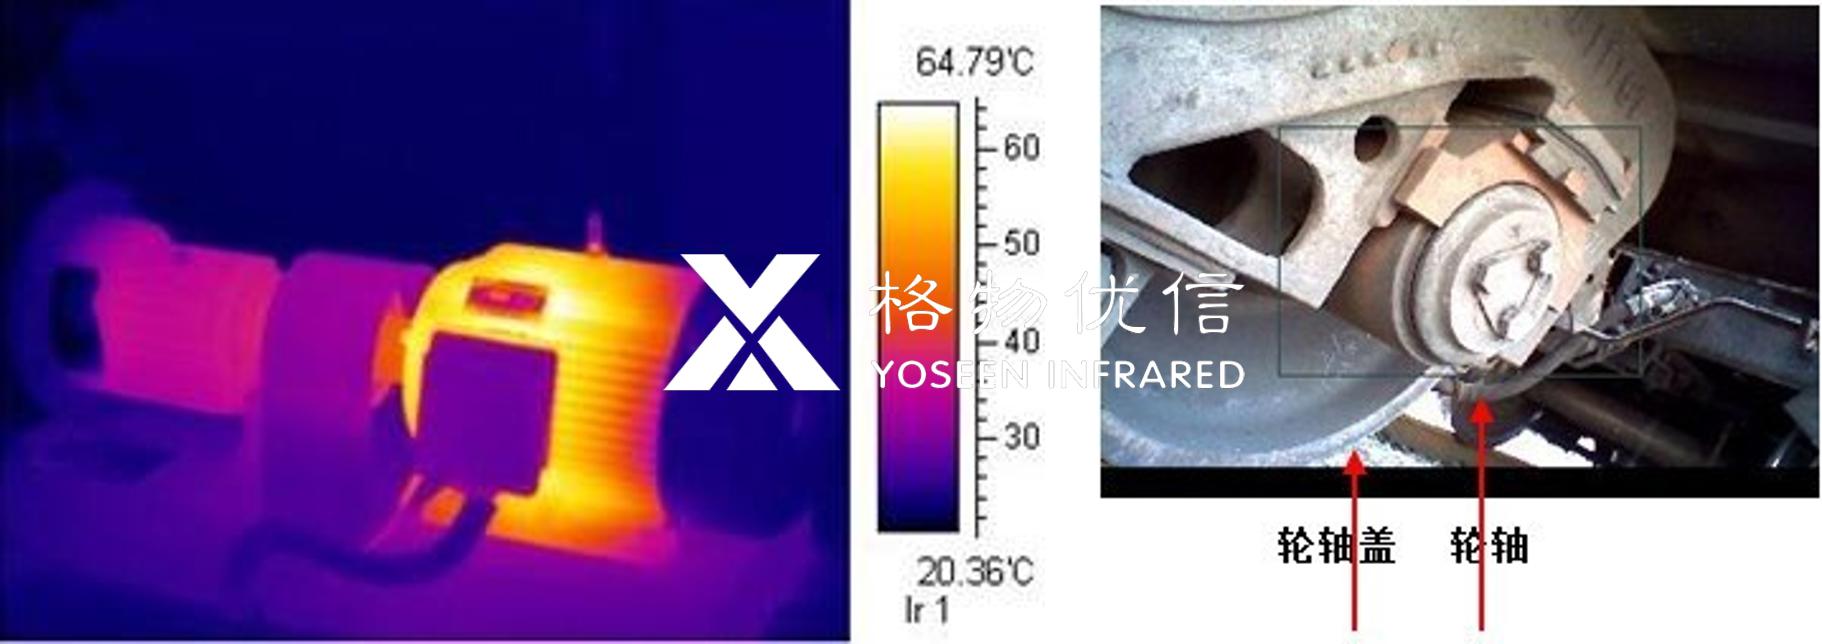 红外热像仪快速检测机车轮轴温度